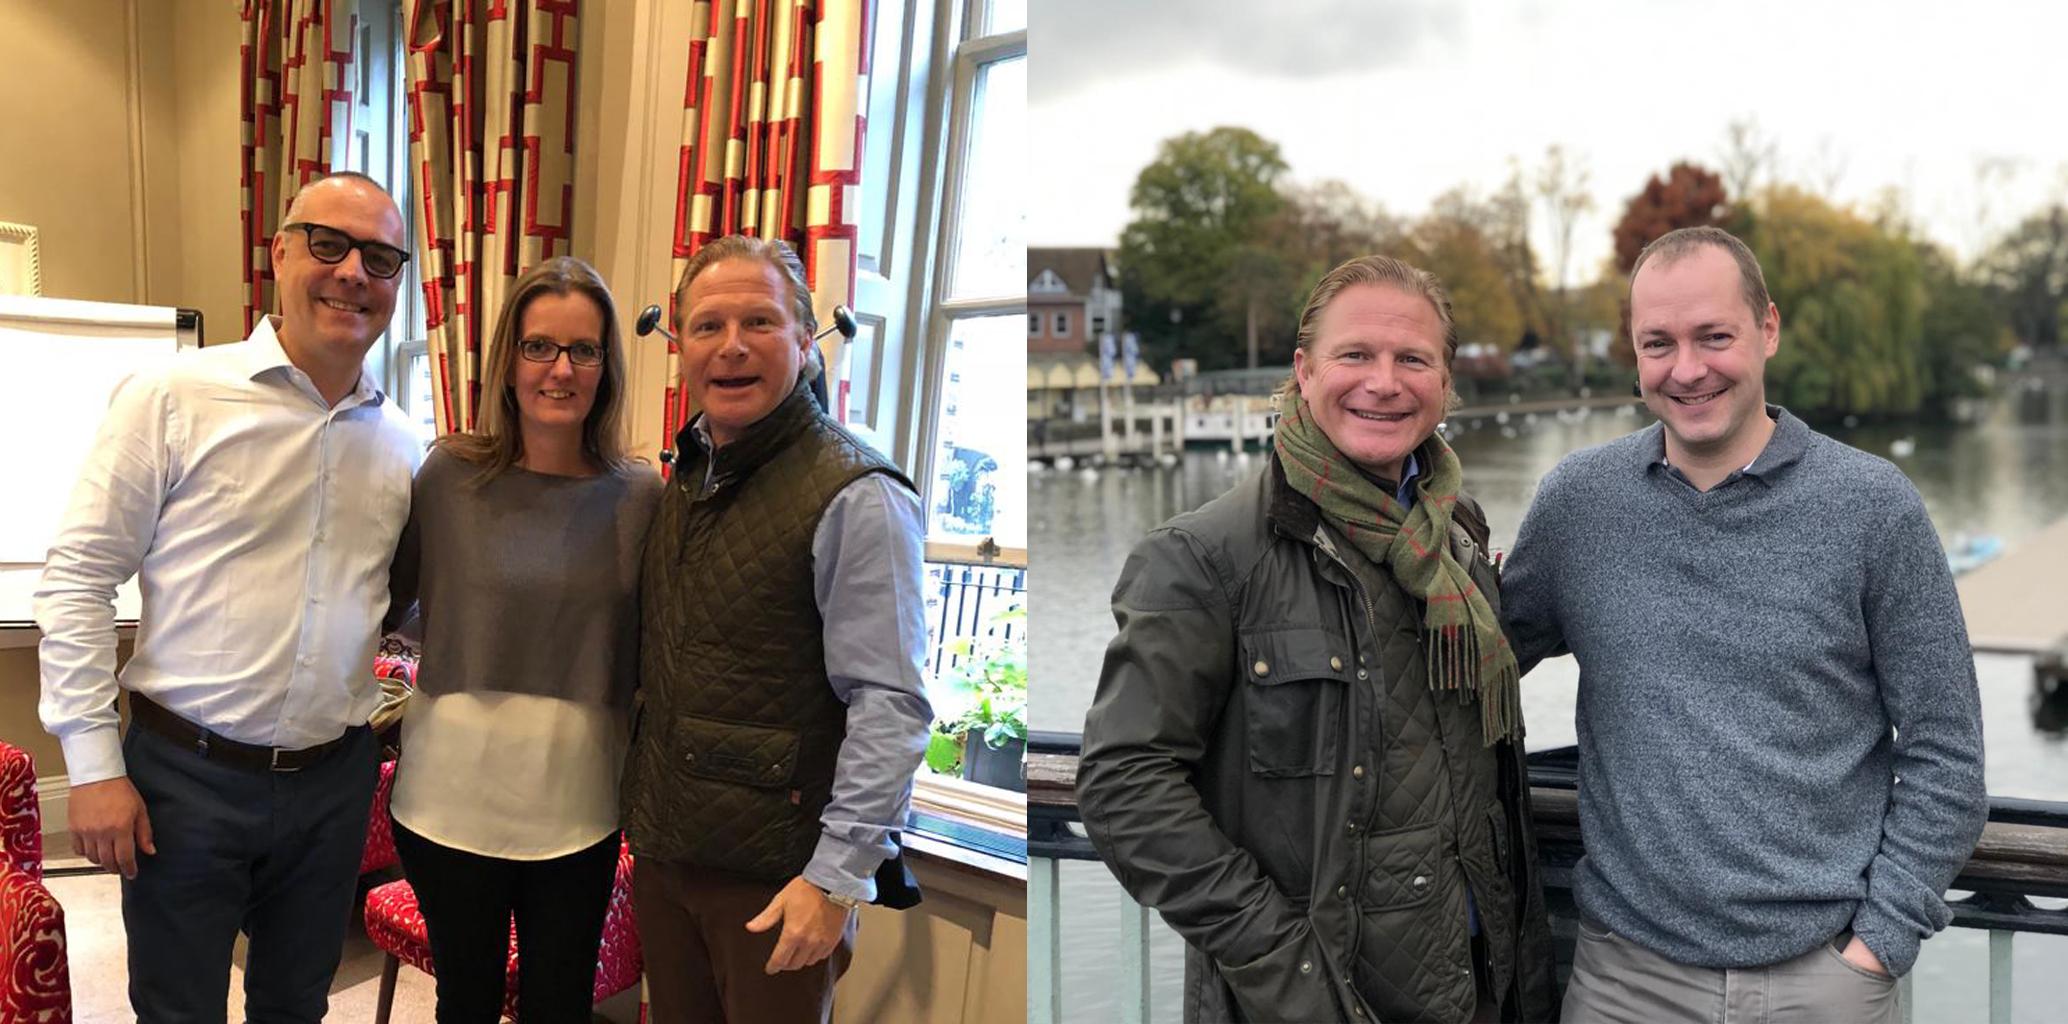 IMPA Council Meeting - November 2018